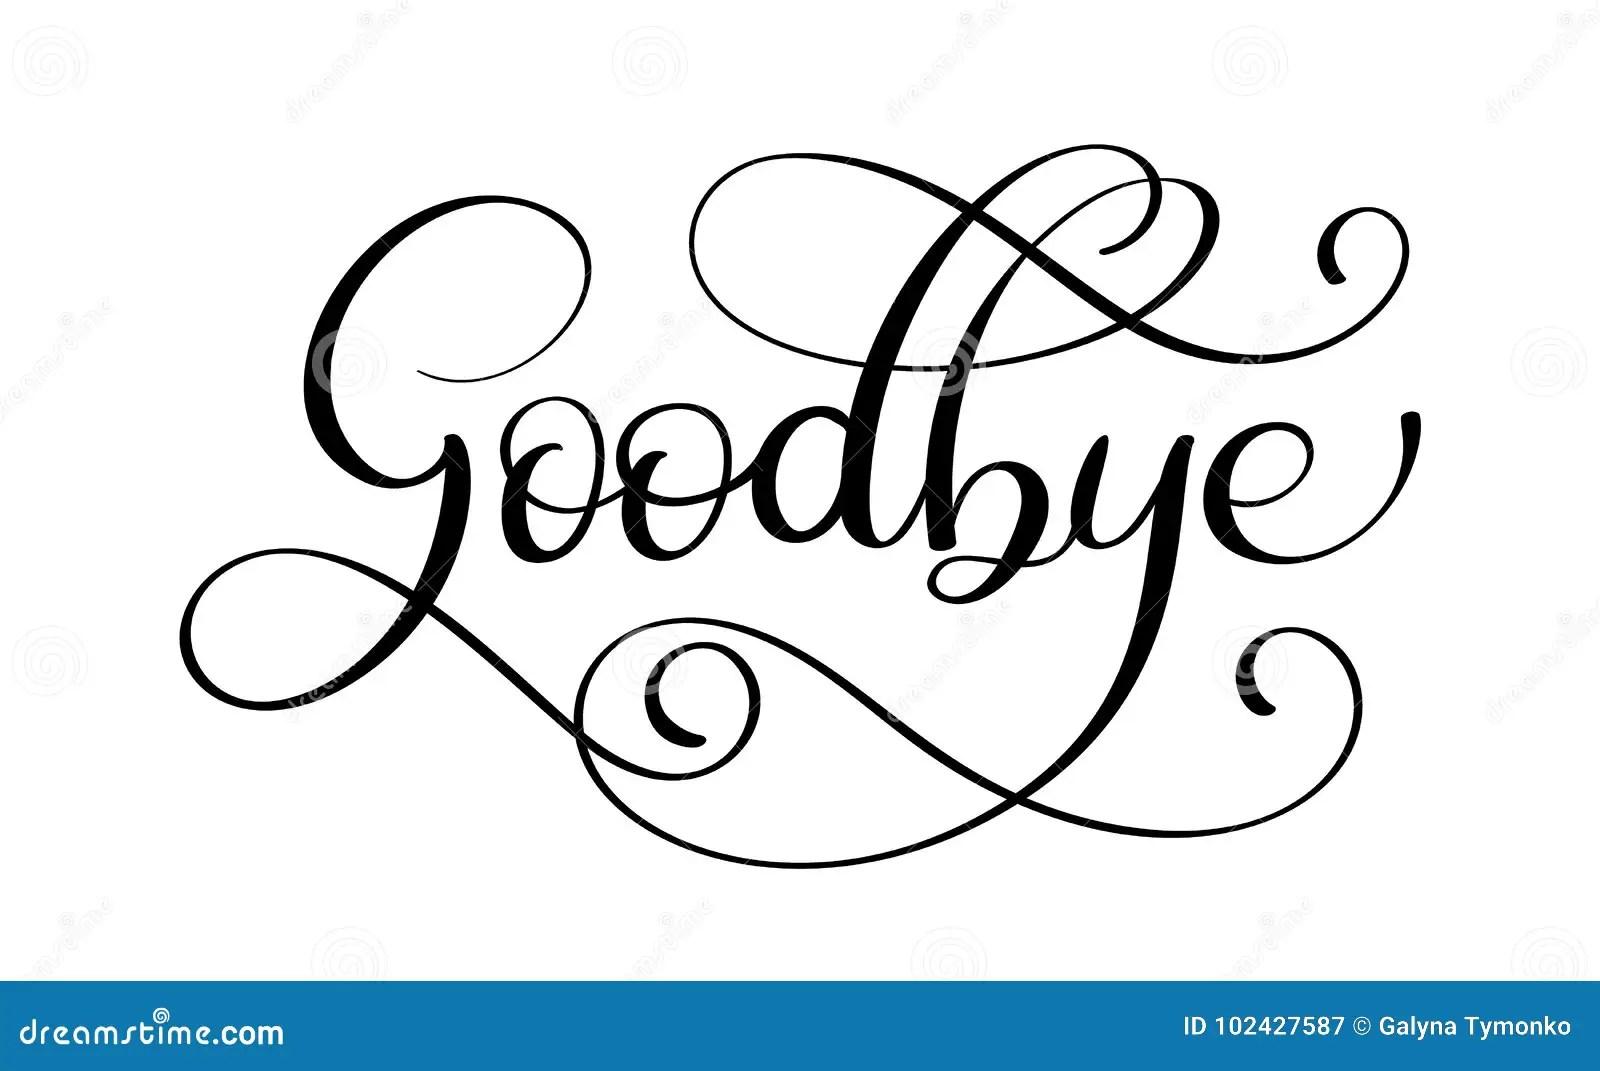 Handwritten Goodbye Calligraphy Lettering Word Vector